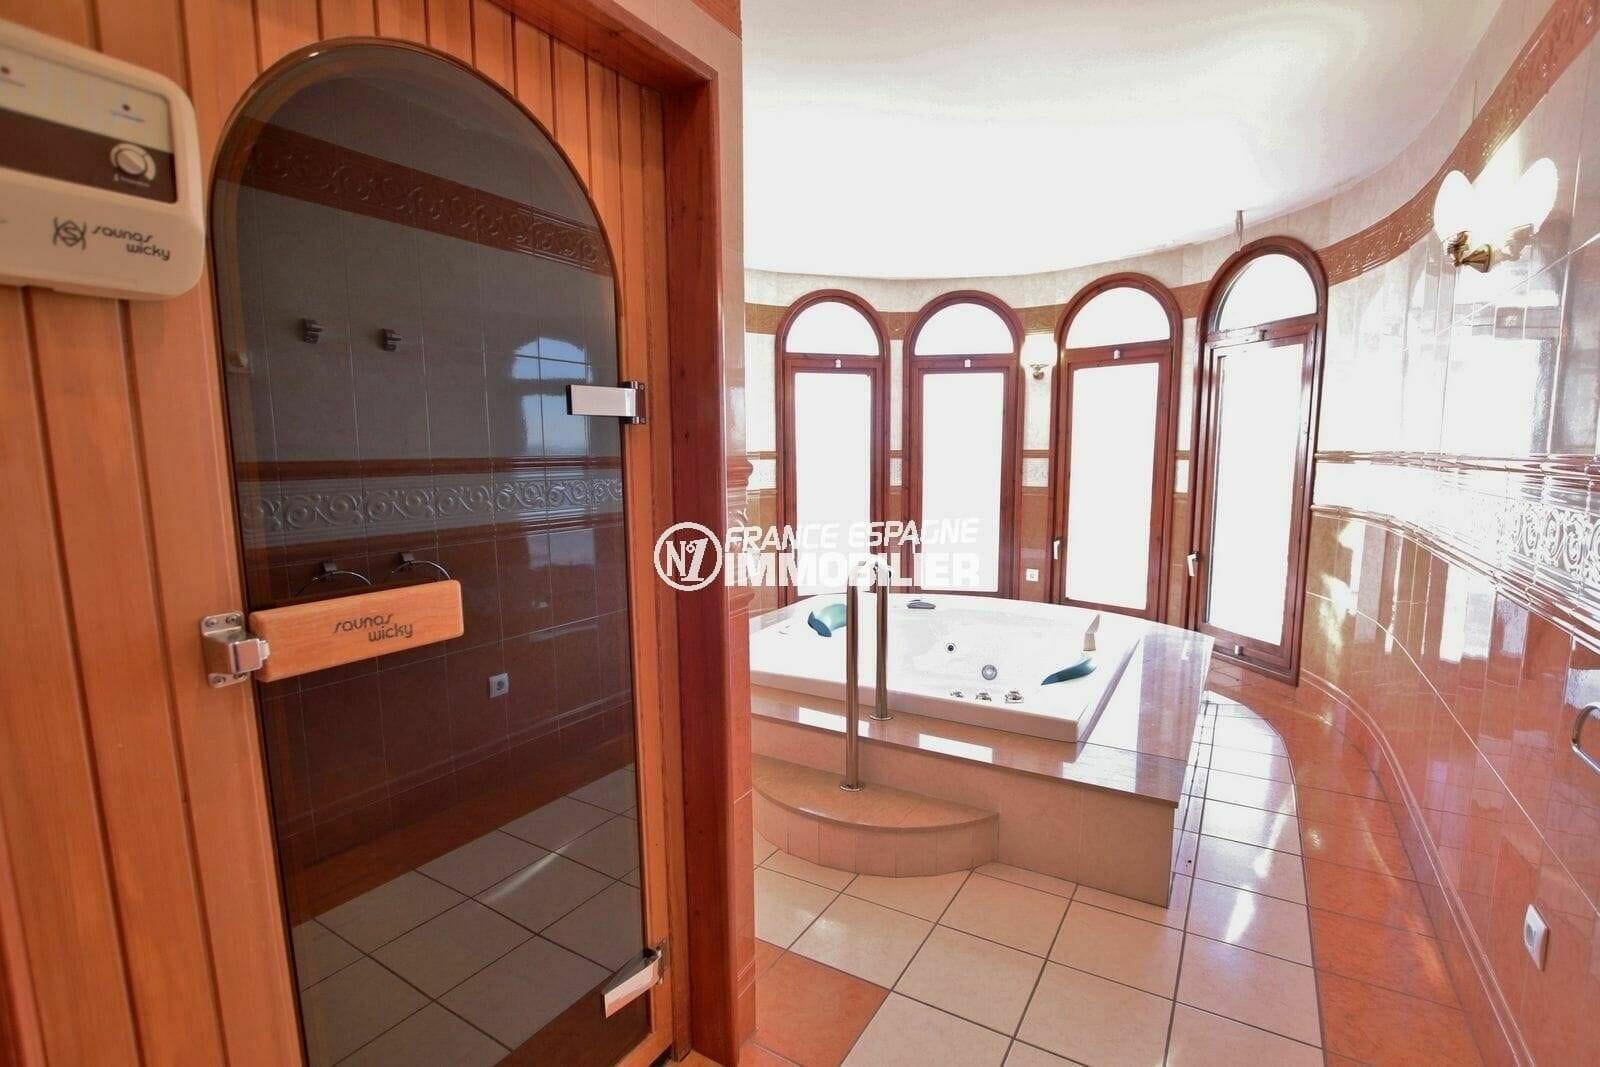 acheter maison costa brava, terrain de 847 m², espace détente avec jacuzzi et sauna